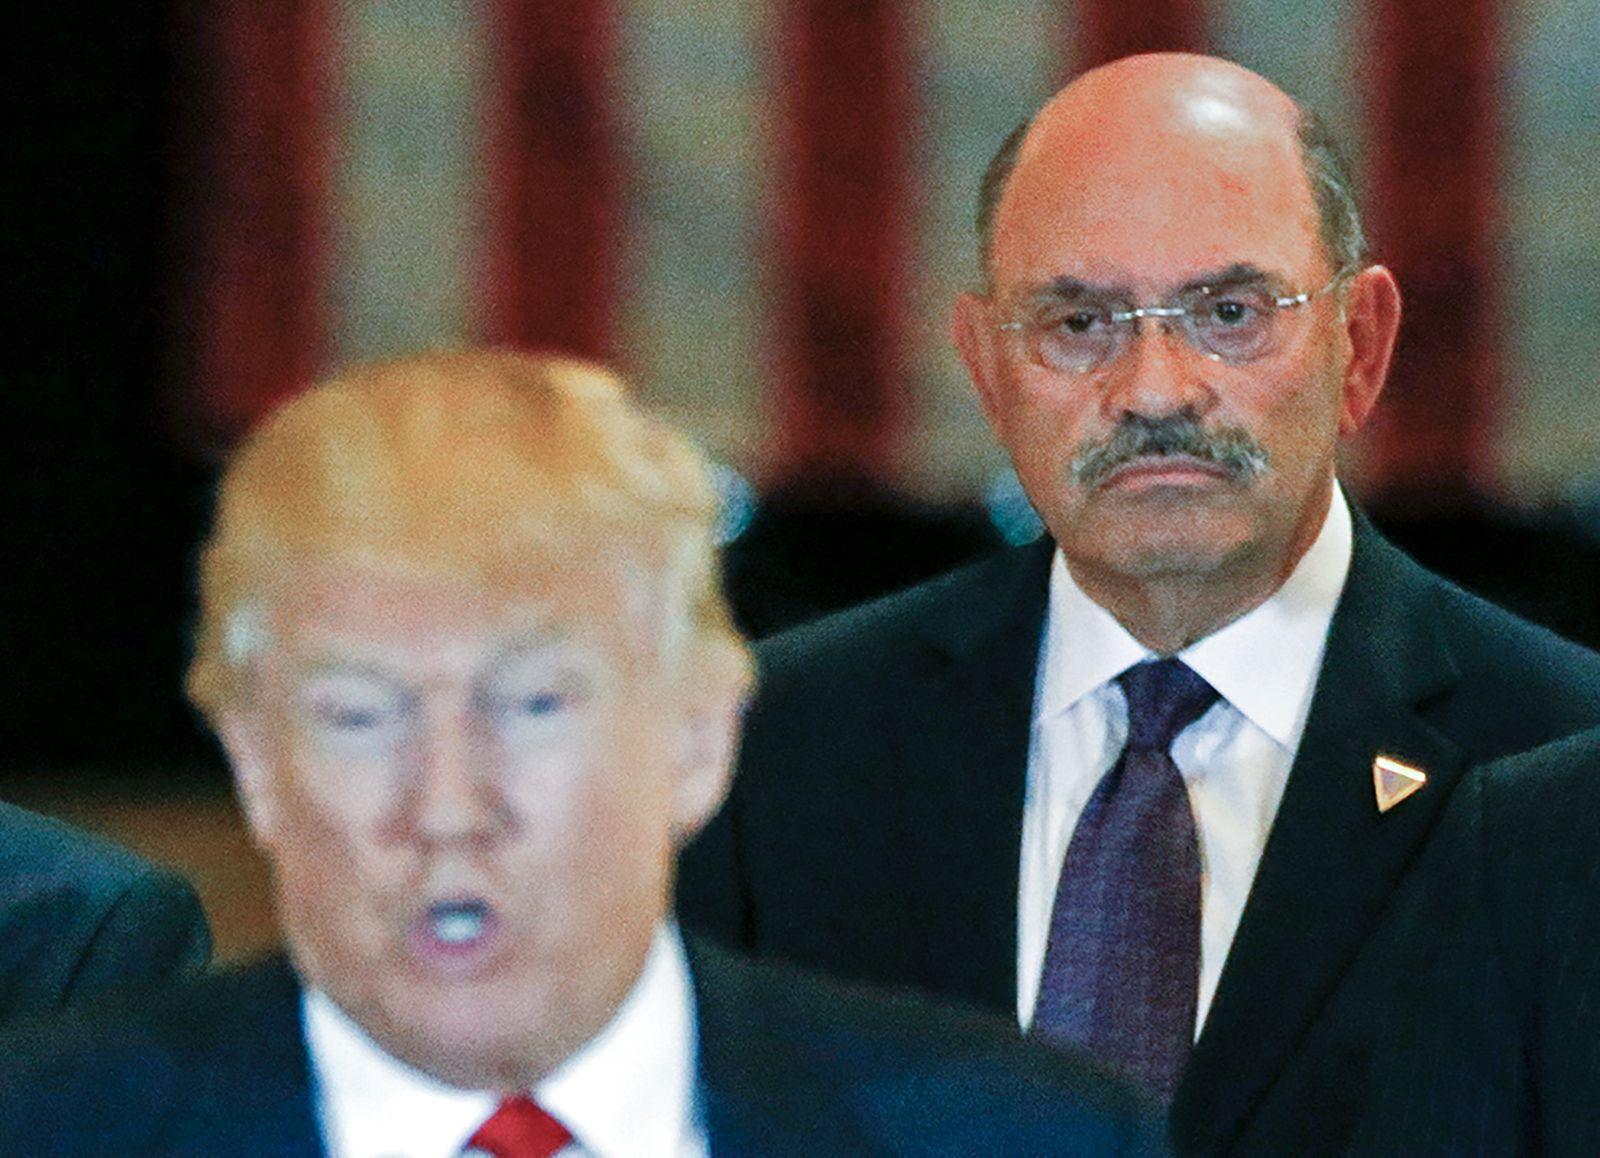 Trump Organization chief financial officer Allen Weisselberg